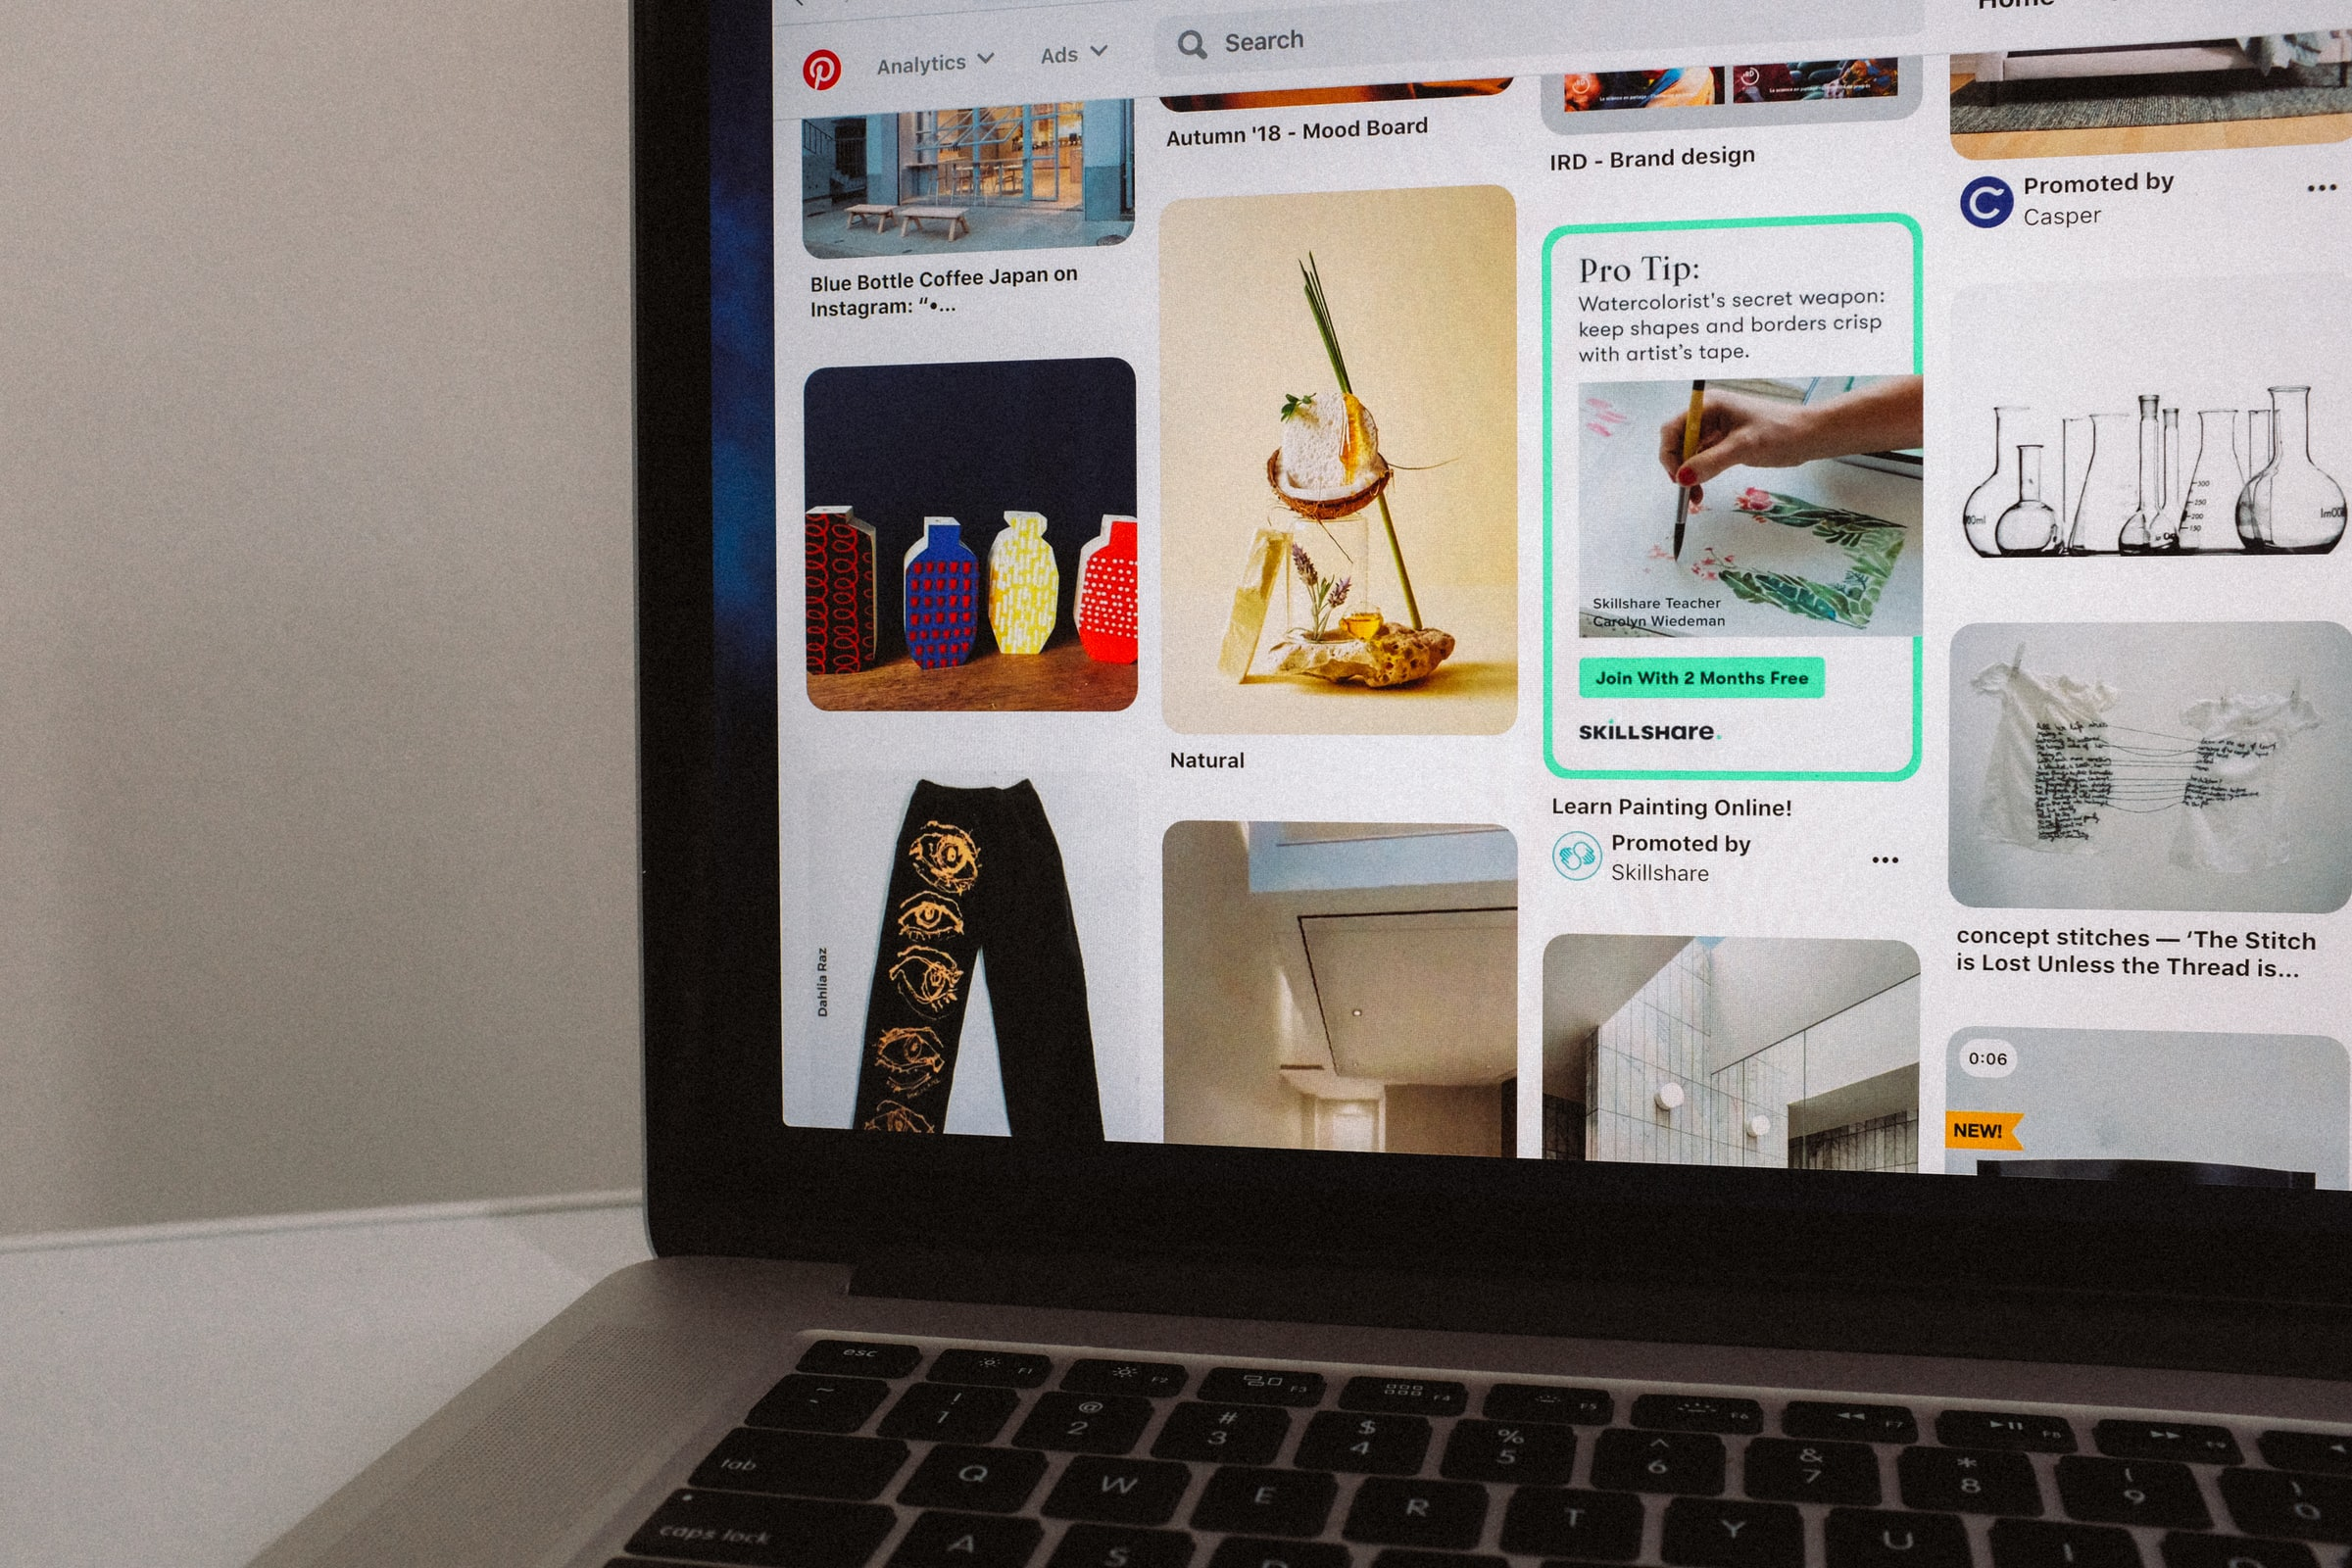 Mac book showing Pinterest